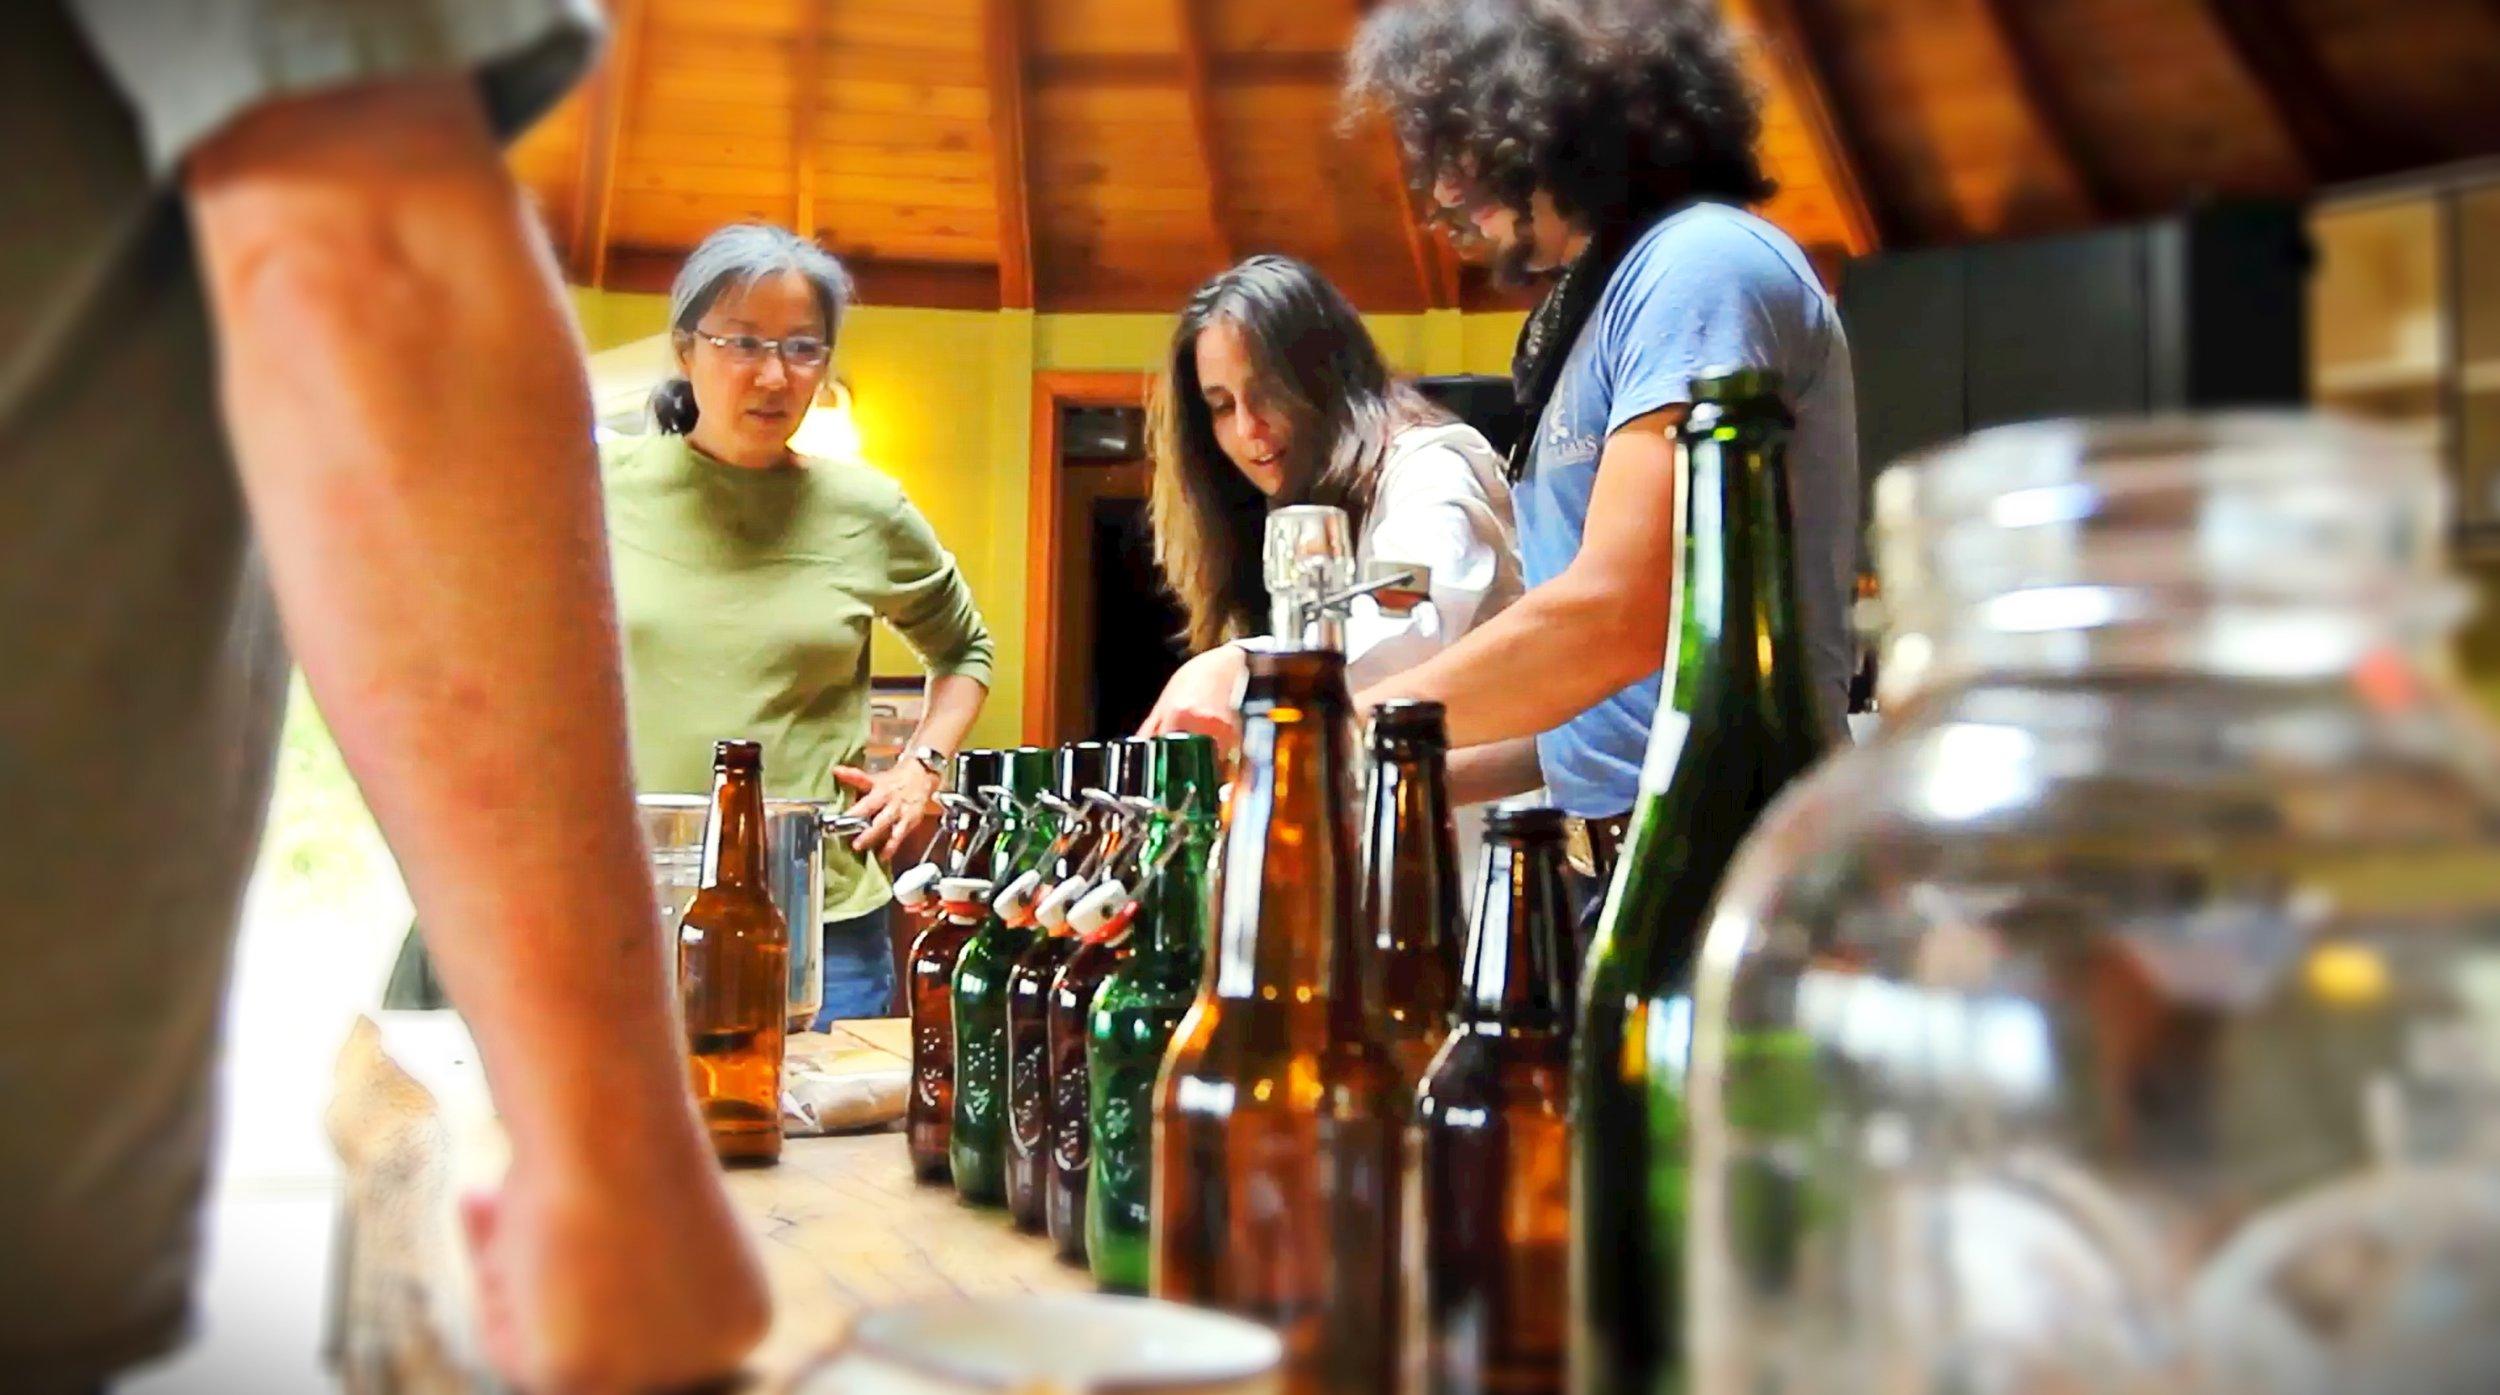 beerworkshop.JPG